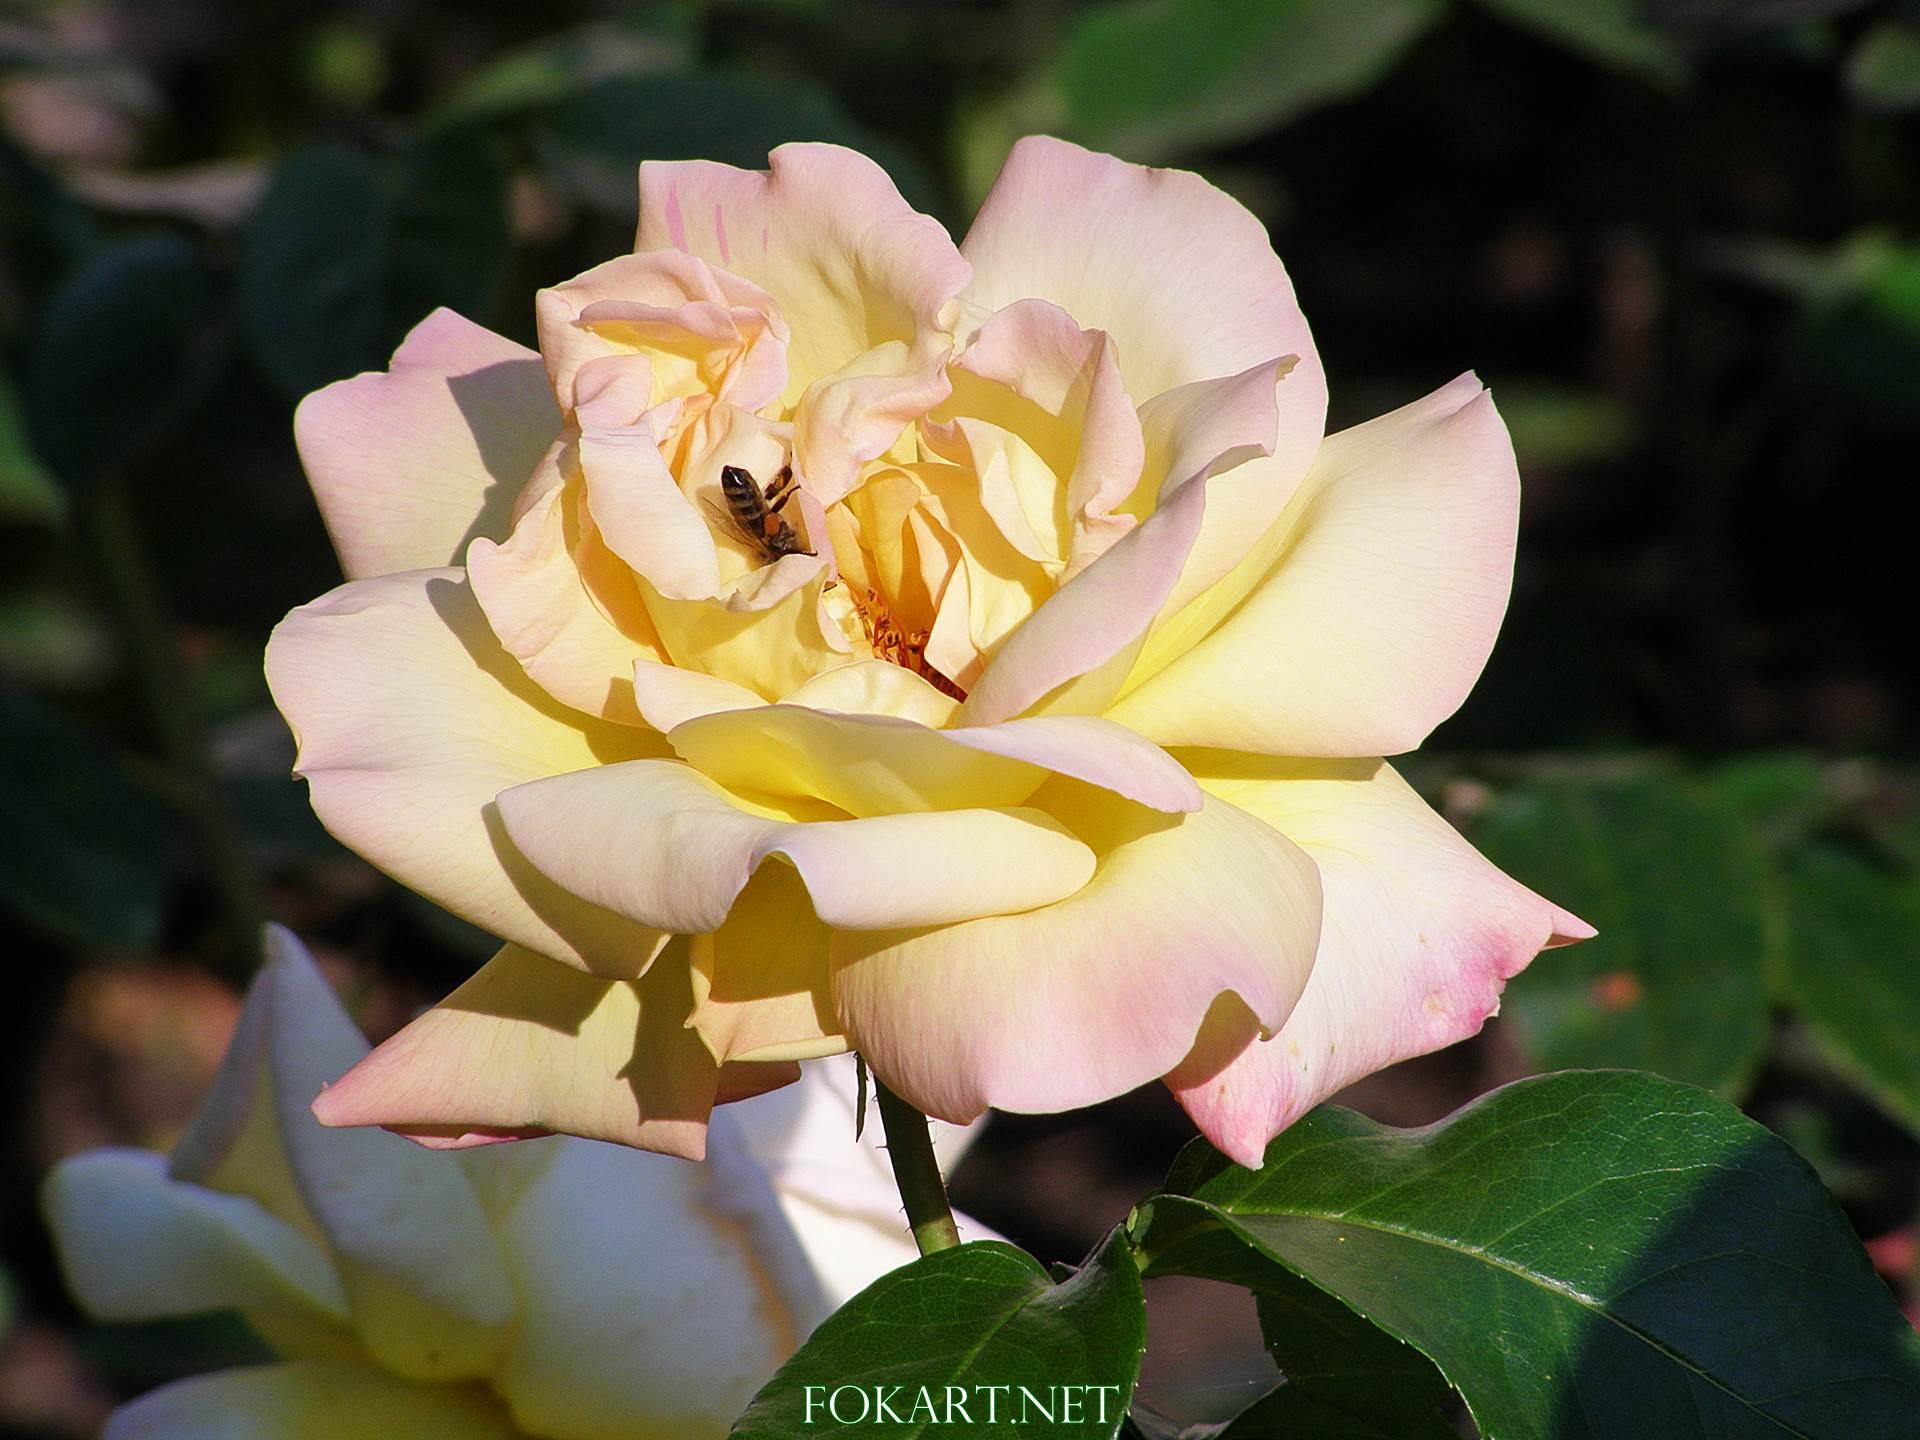 Пчела, залезающая в серединку желтоватой чайной розы